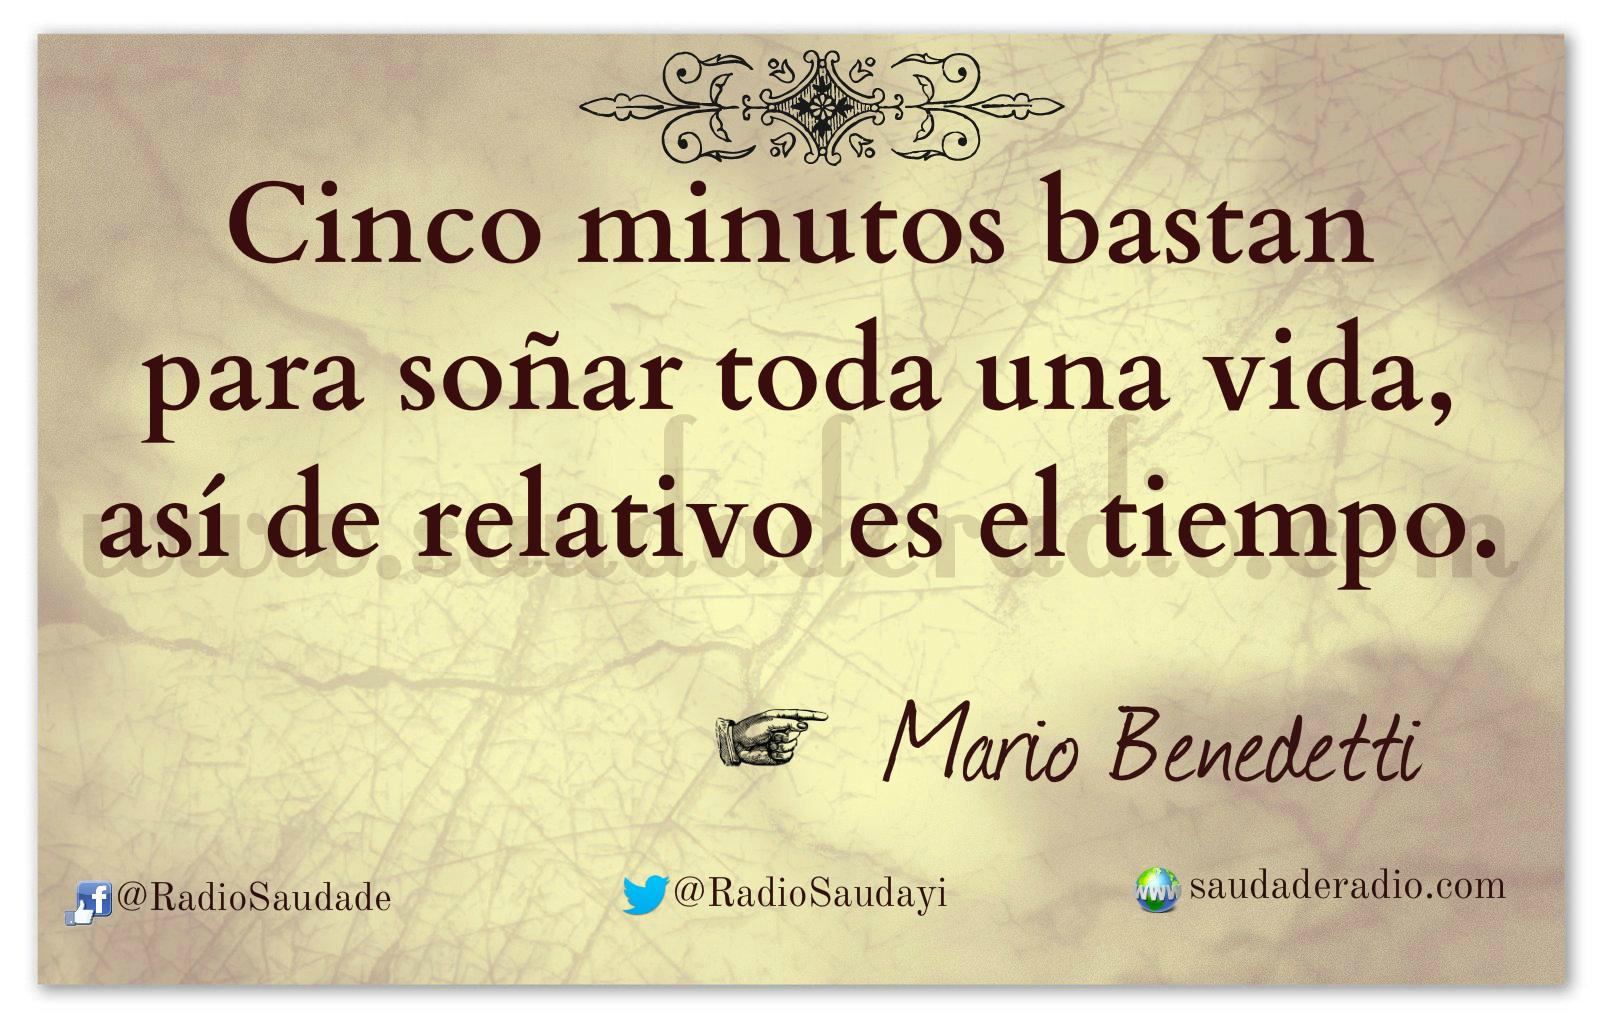 Los Cincos Mario Benedetti